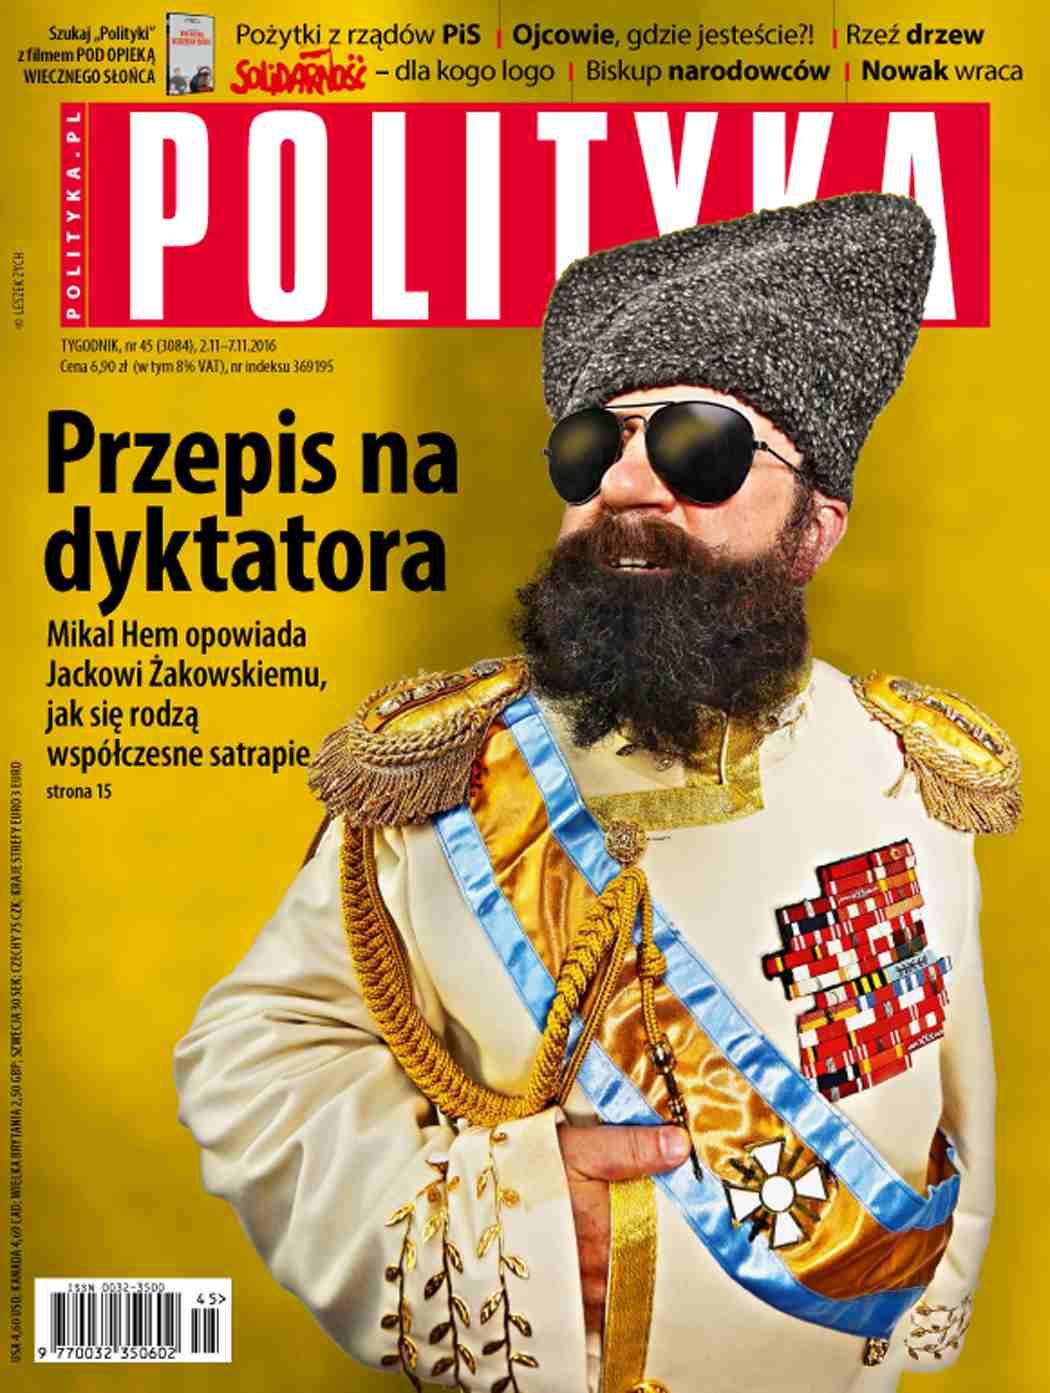 Polityka nr 45/2016 - Ebook (Książka PDF) do pobrania w formacie PDF